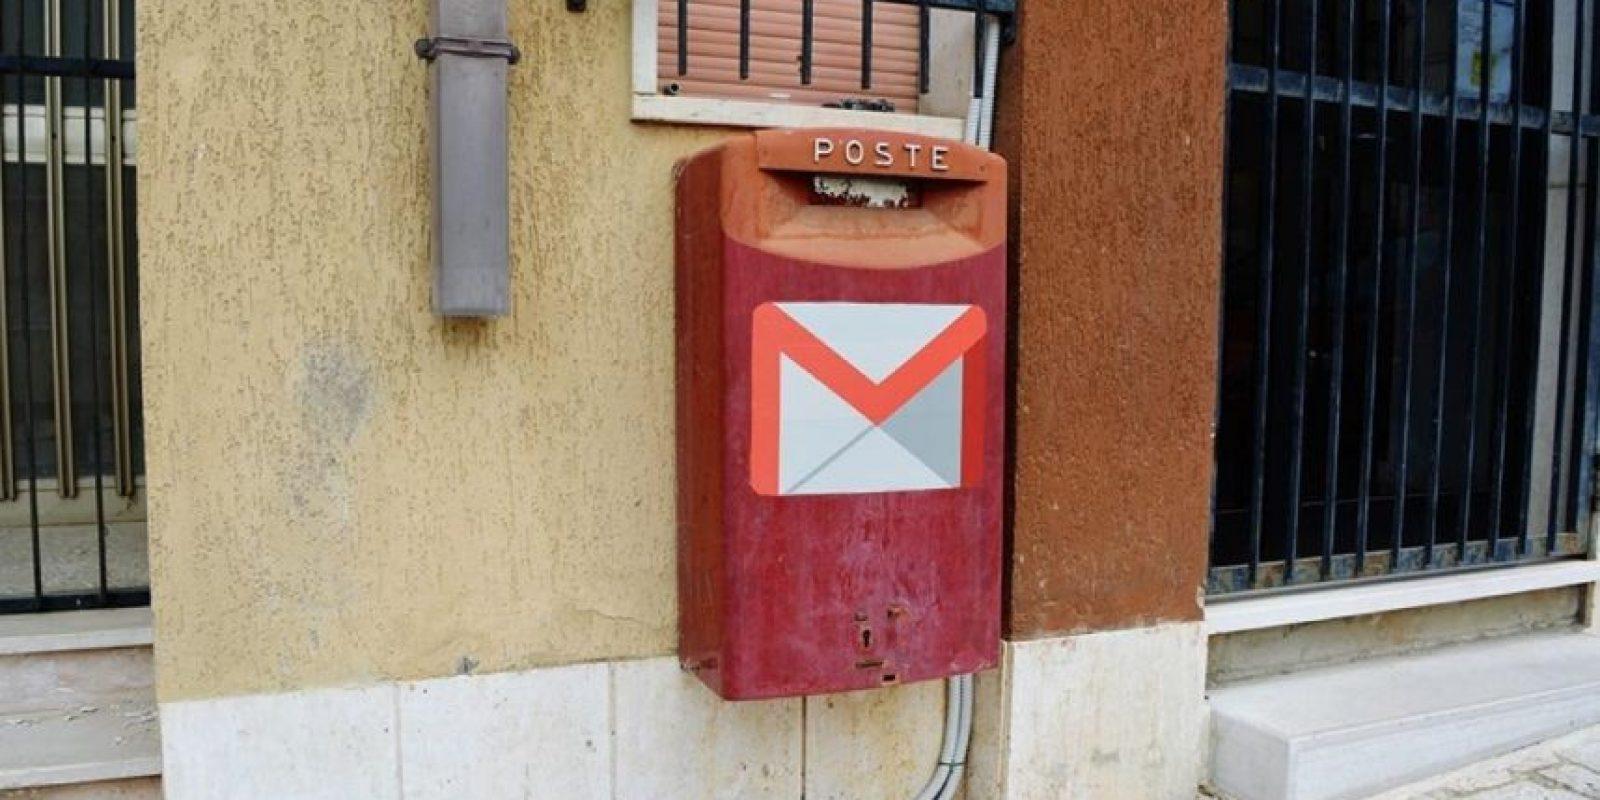 Gmail realmente es sólo una oficina de correos más rápido. Foto:www.biancoshock.com/